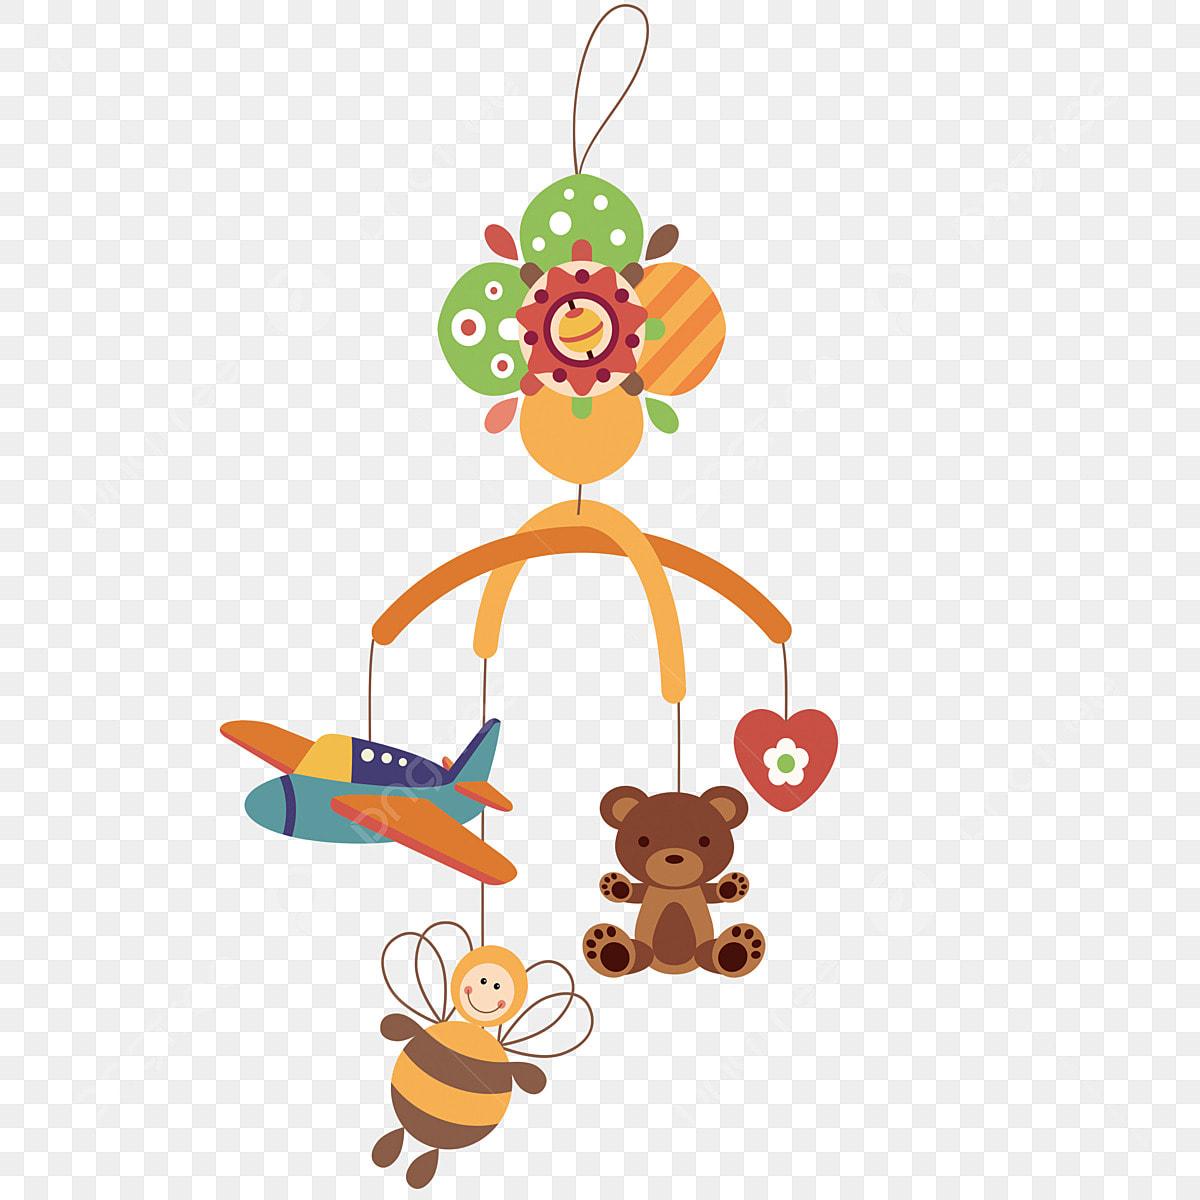 Brinquedo De Cabeceira Pendurado Dos Desenhos Animados Brinquedo